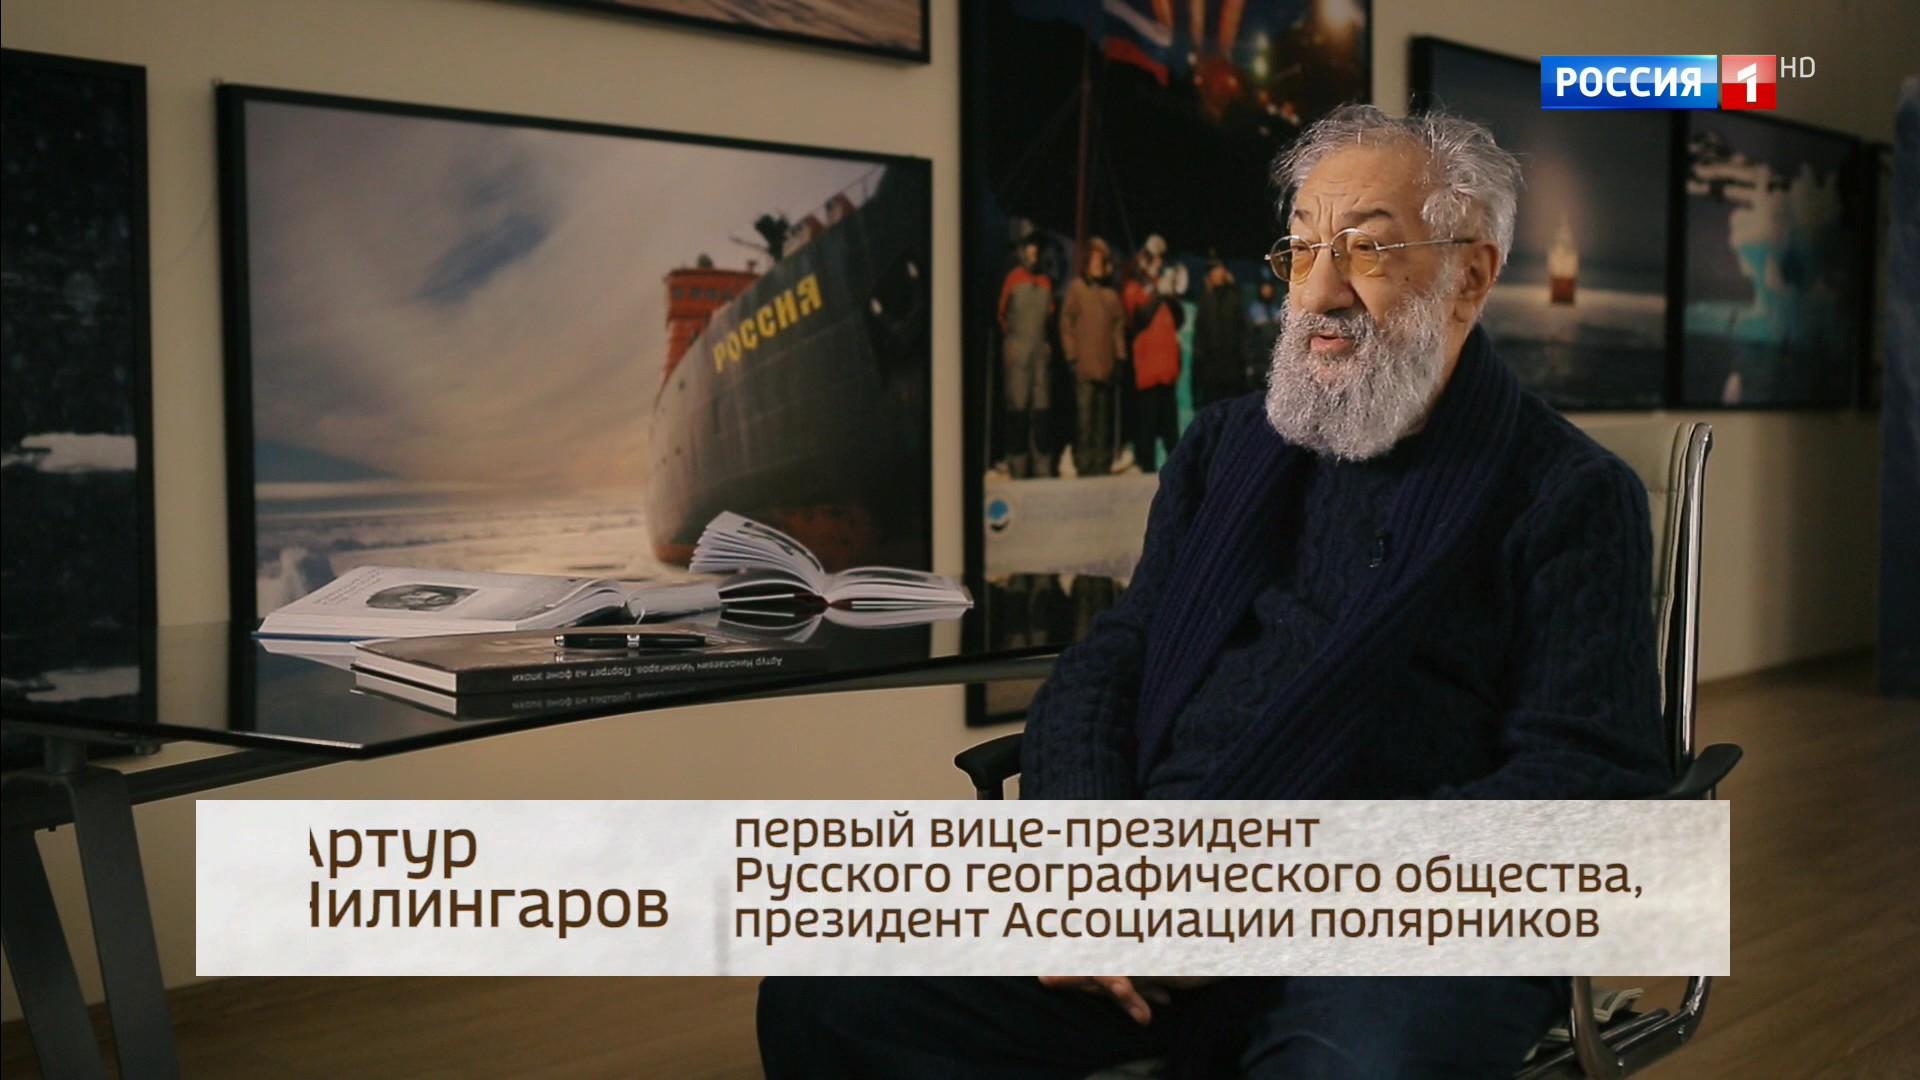 Чуркин (2018) HDTV 1080i